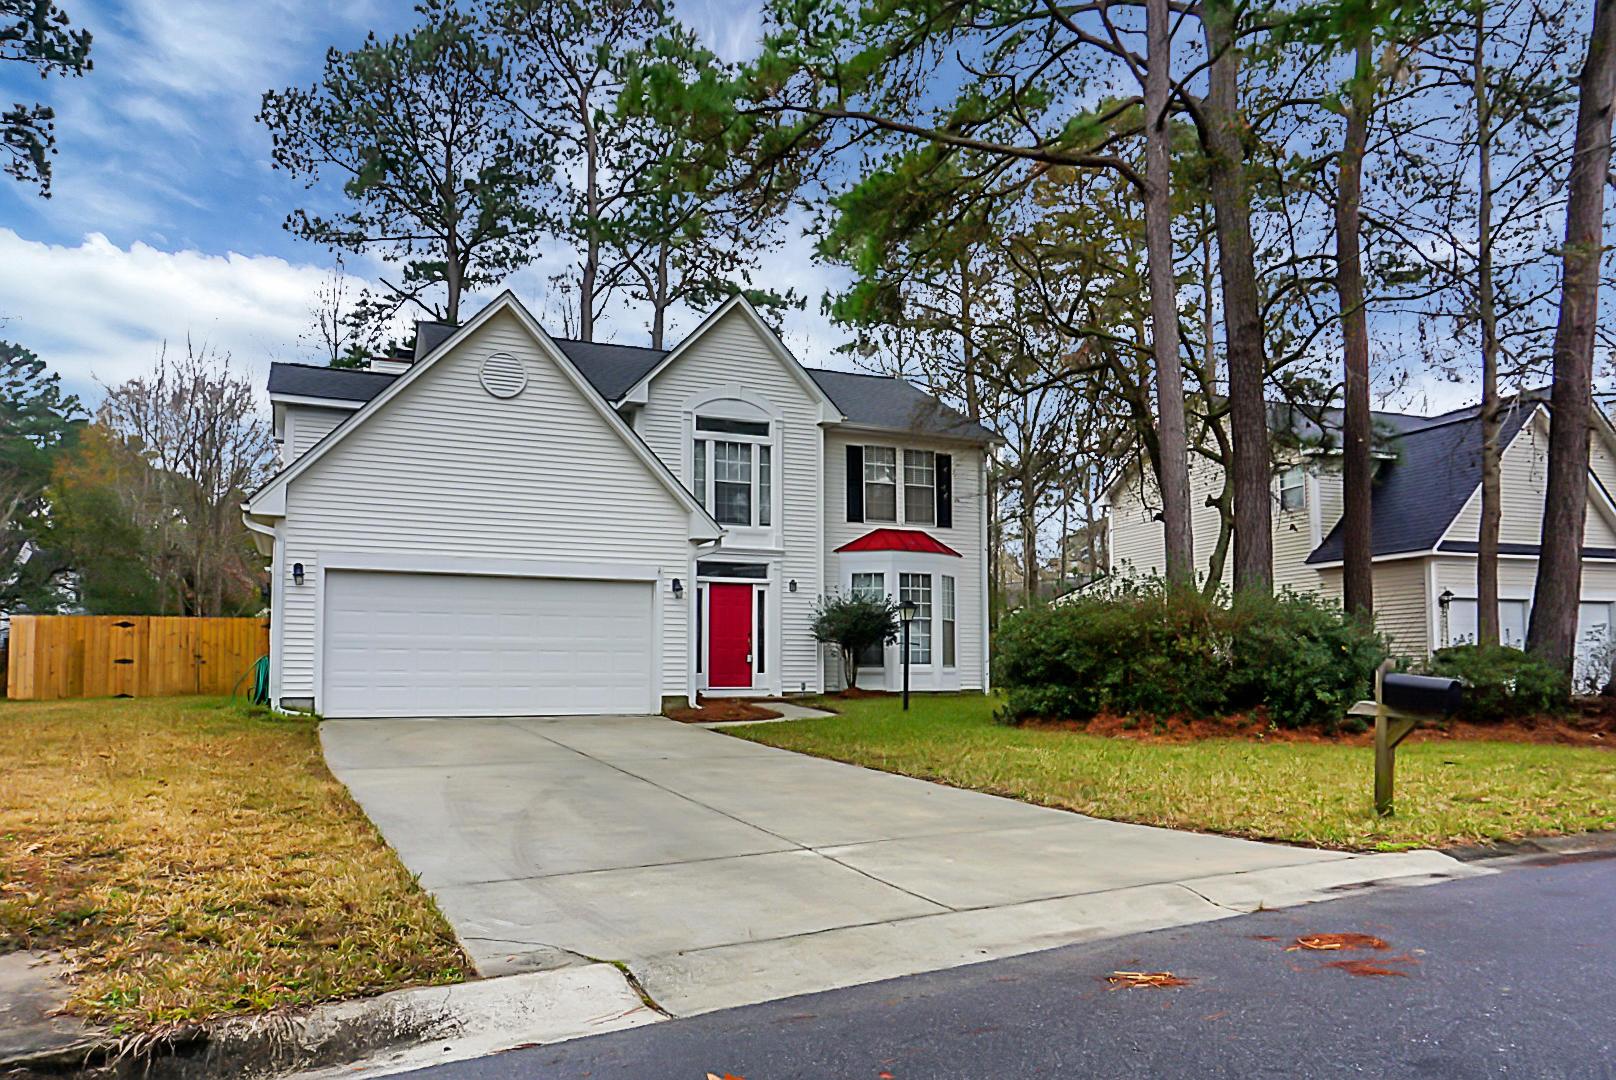 Dunes West Homes For Sale - 3209 Carmel Bay, Mount Pleasant, SC - 16